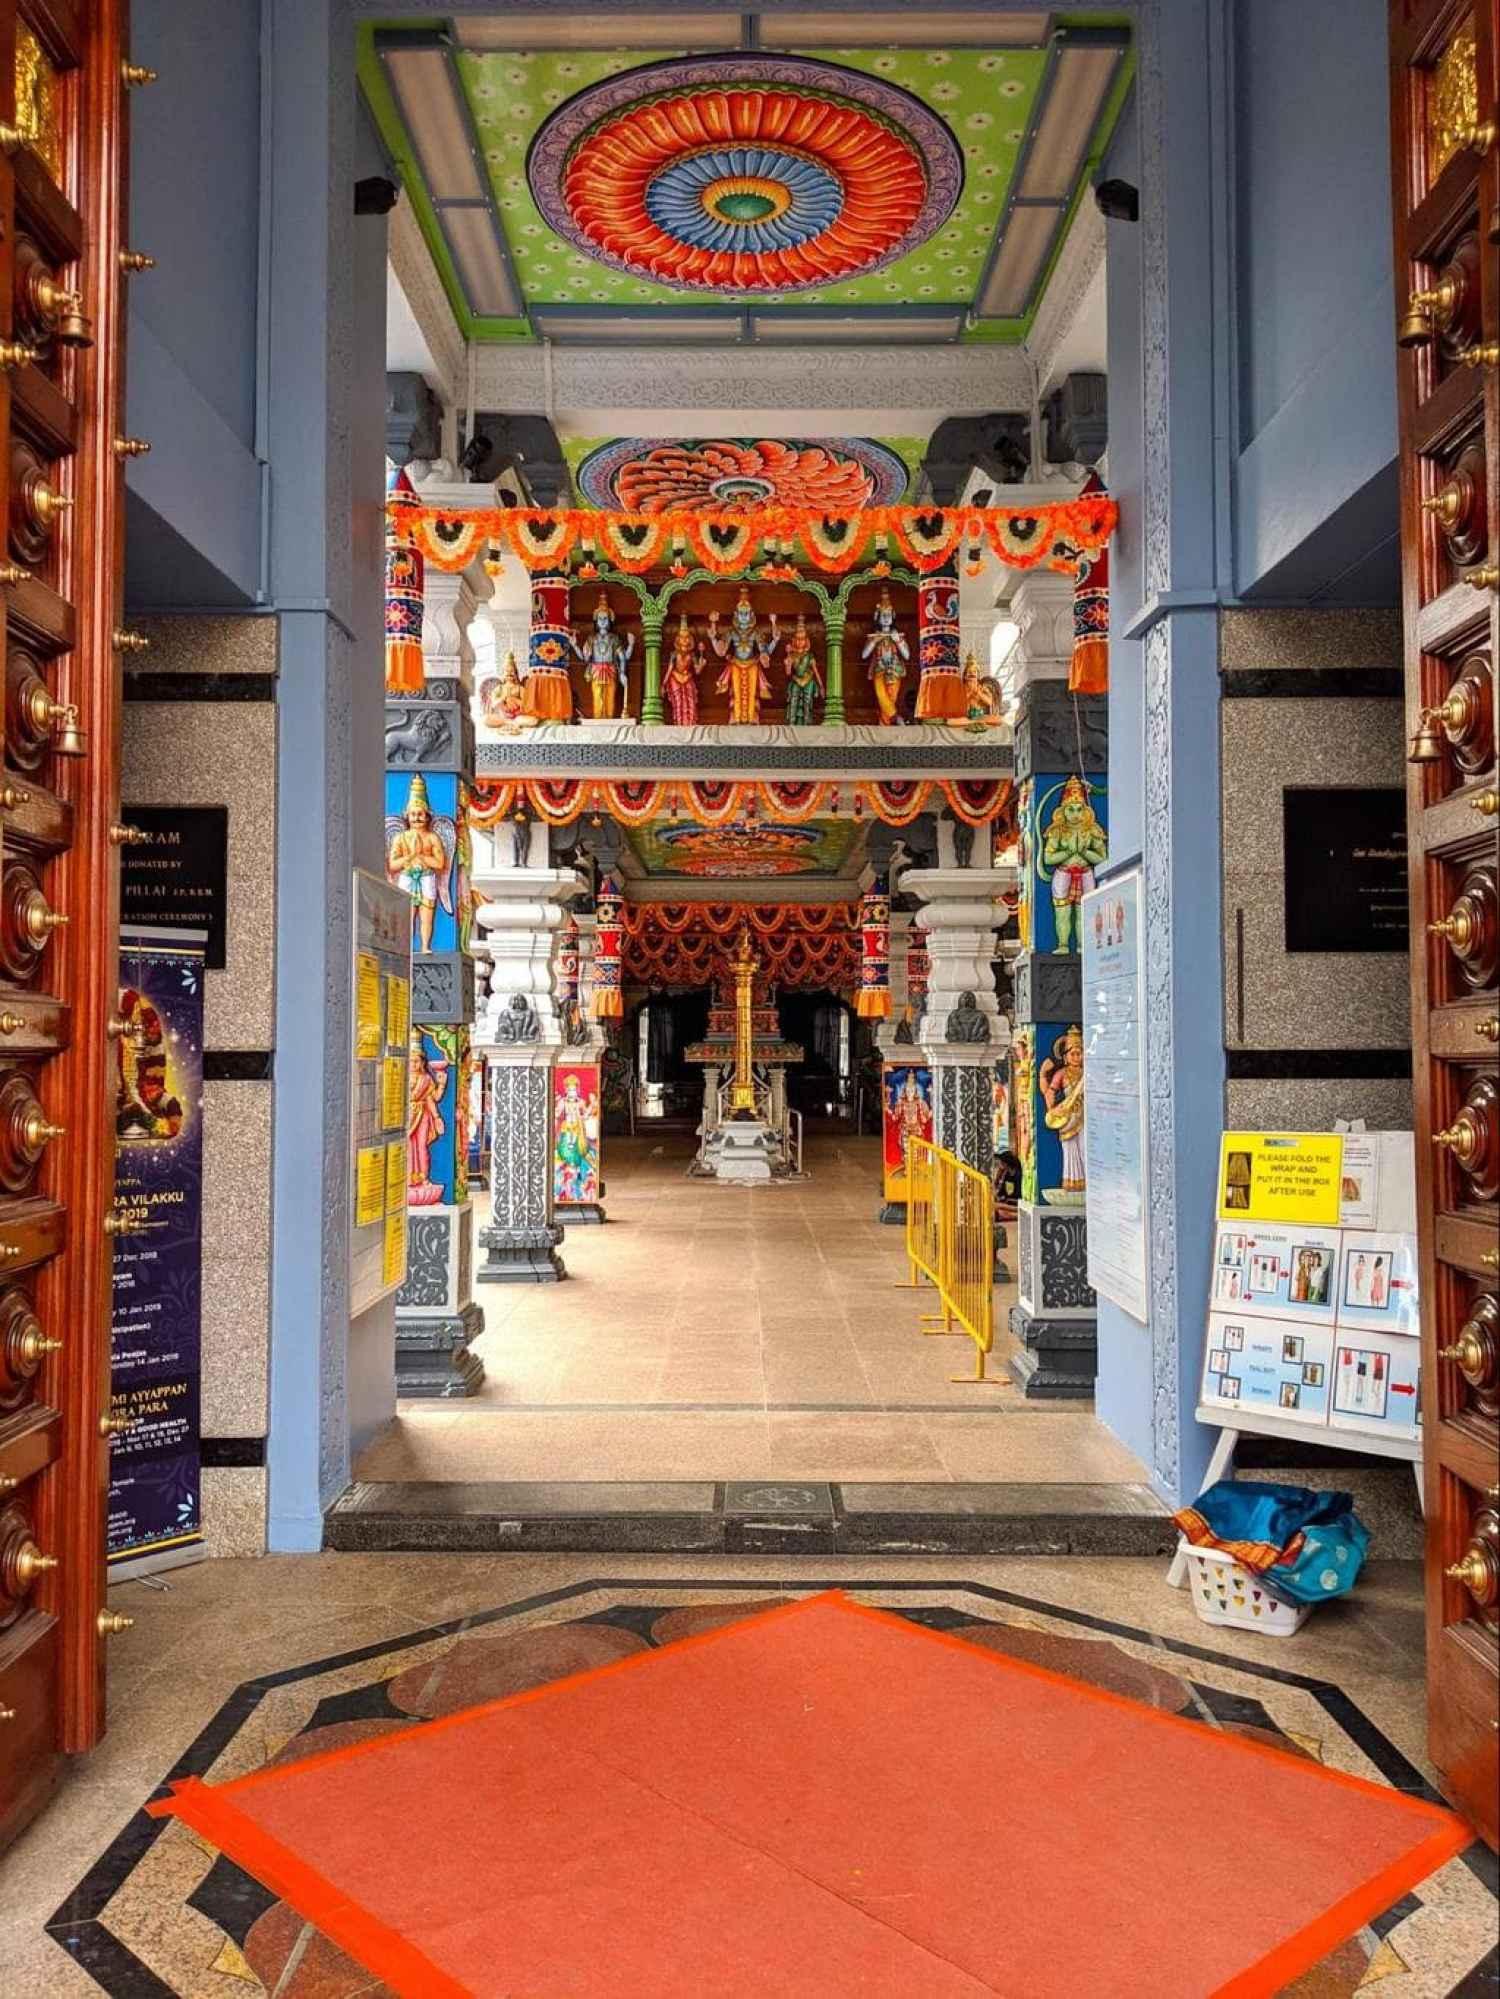 Sri Srinivasa Perumal Temple interior